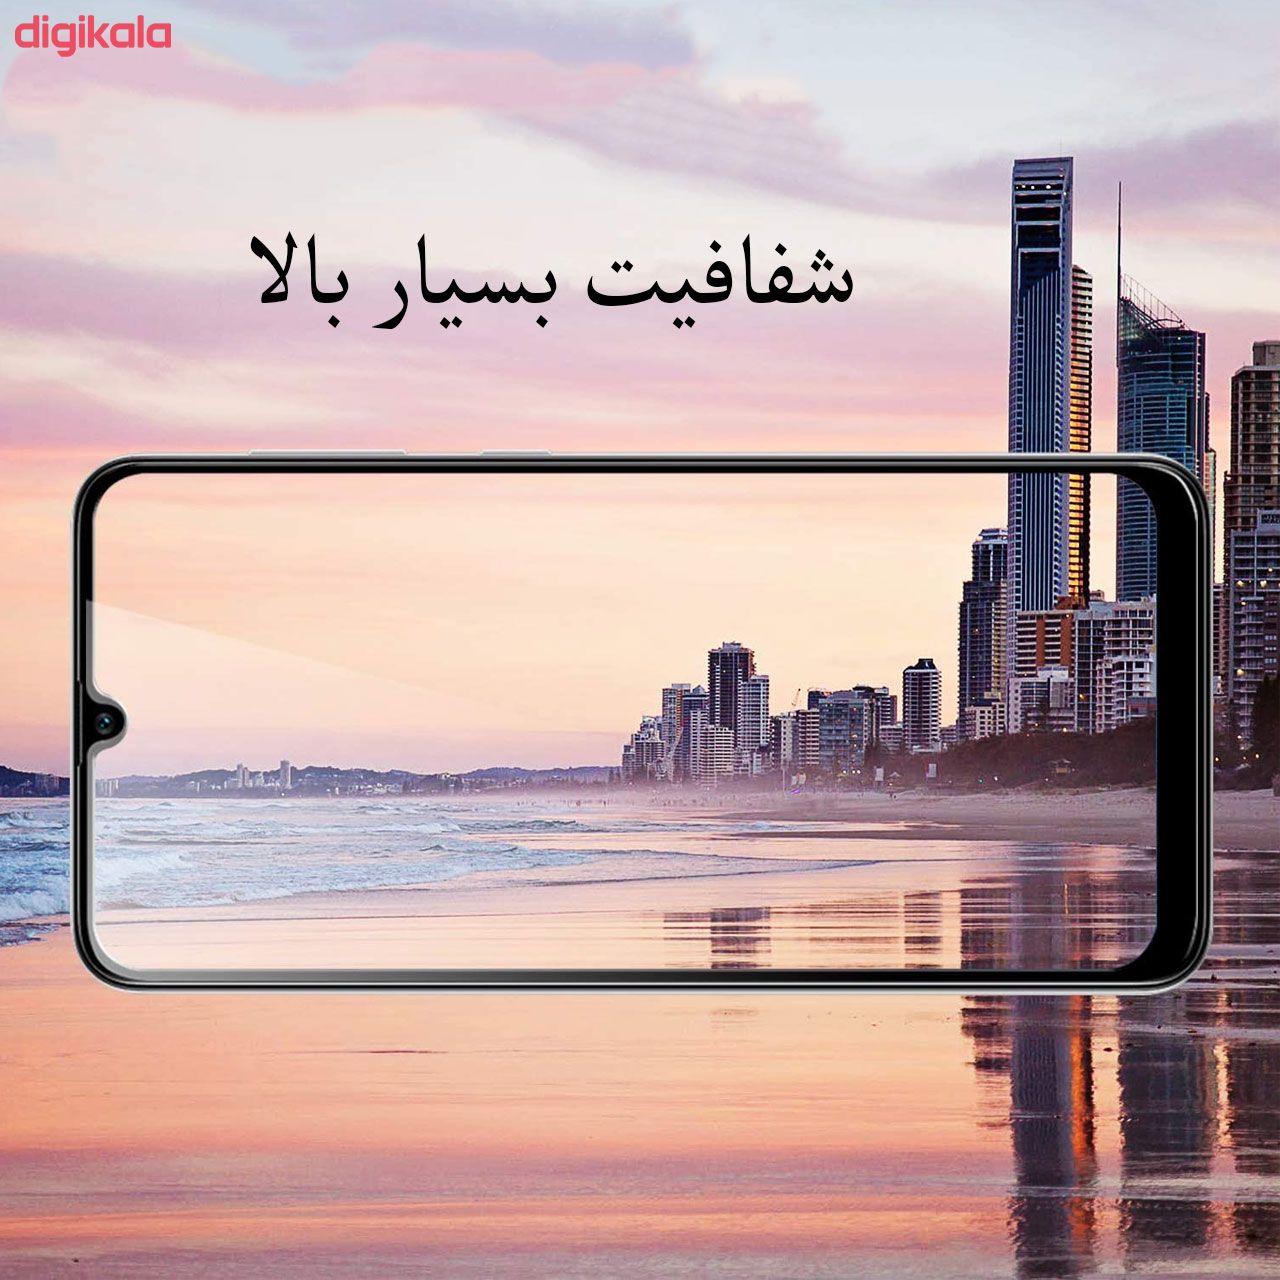 محافظ صفحه نمایش مدل FCG مناسب برای گوشی موبایل شیائومی Redmi 9C main 1 4